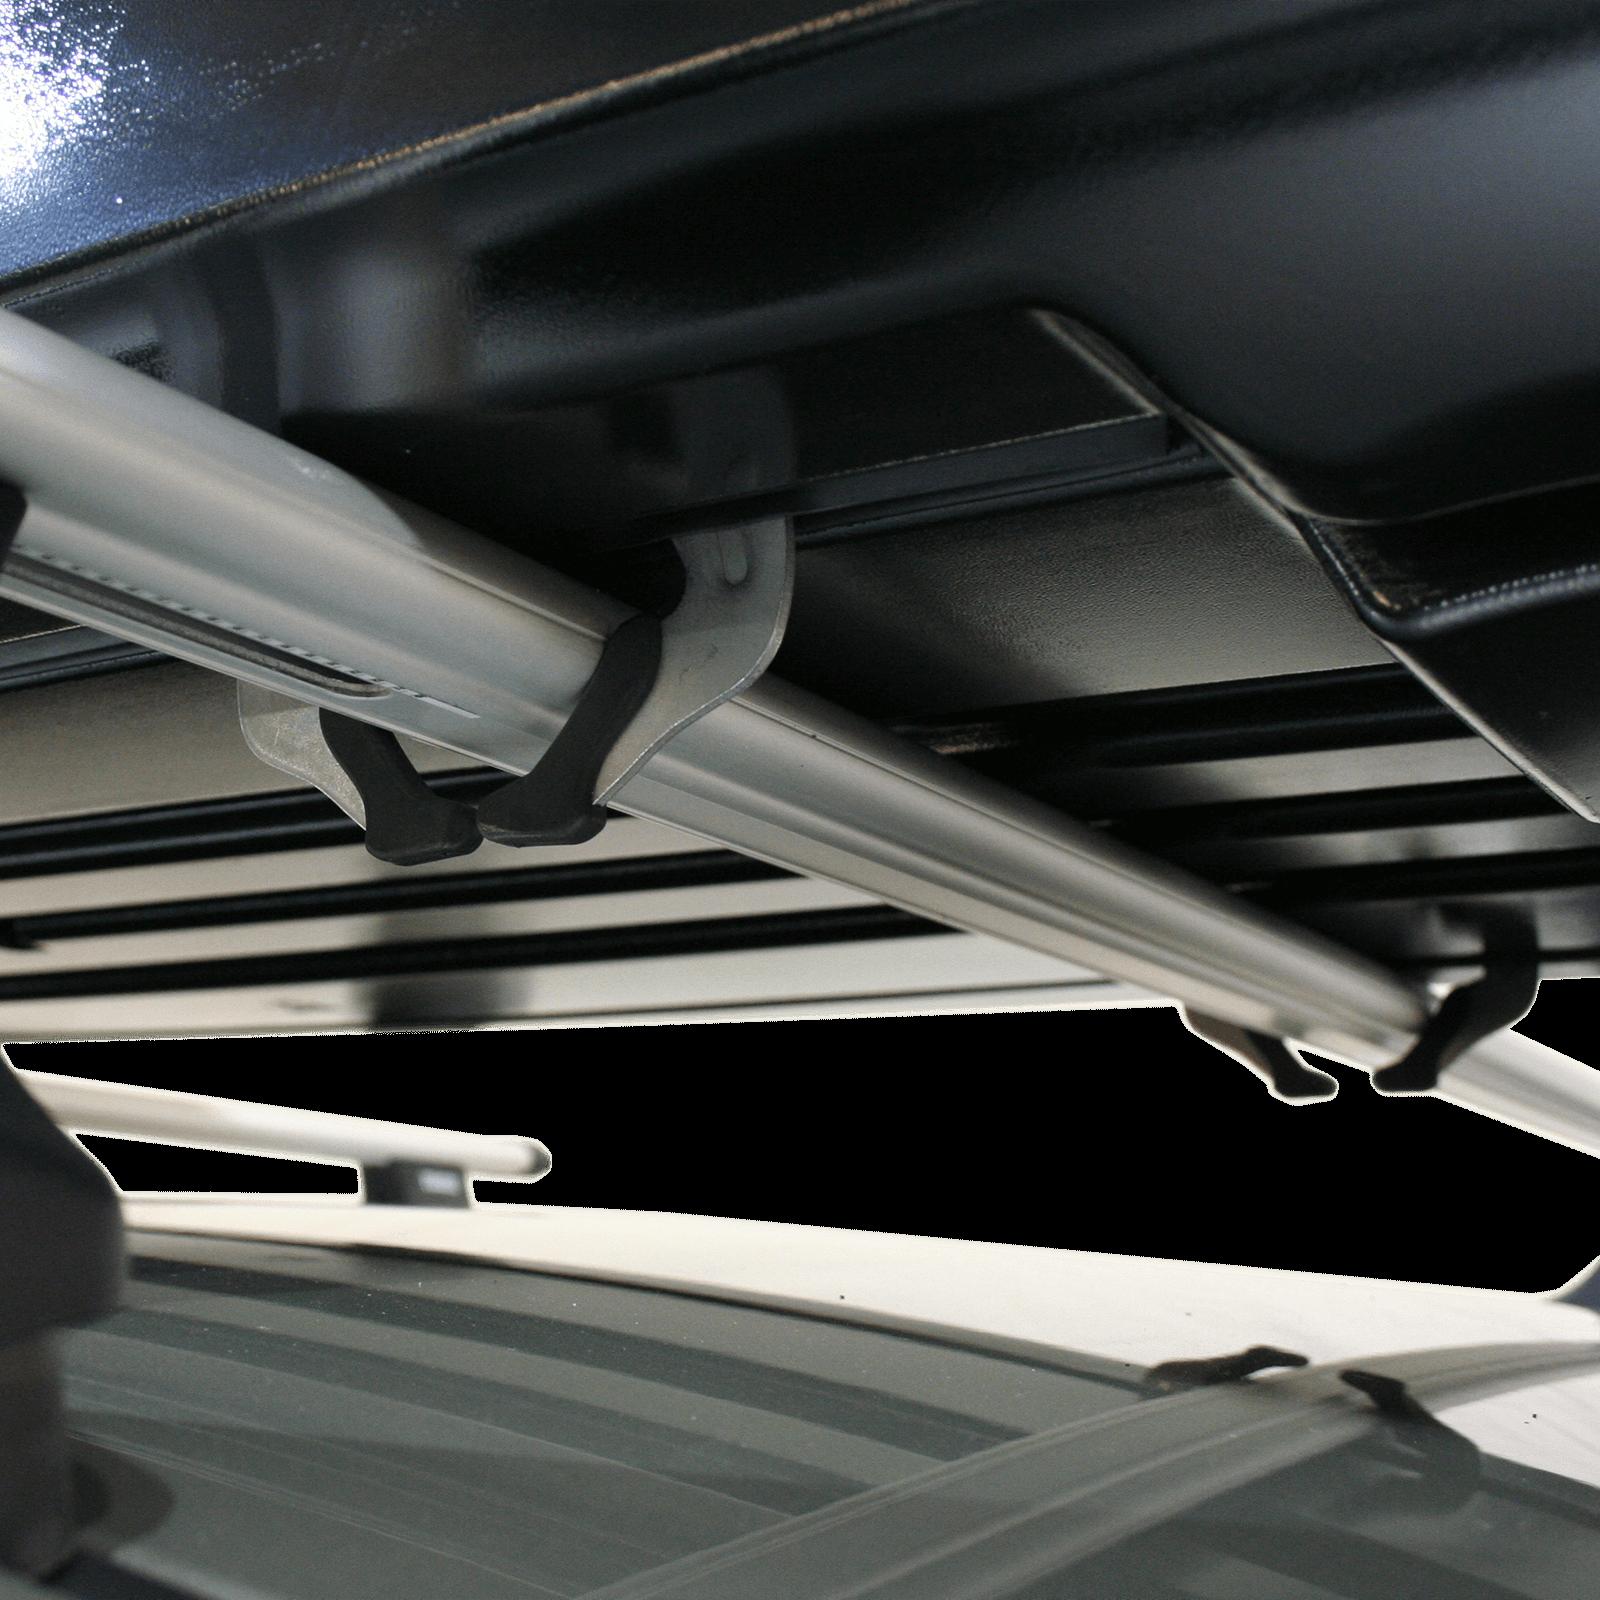 Dachbox Thule Touring M grau, titan - Bild 3